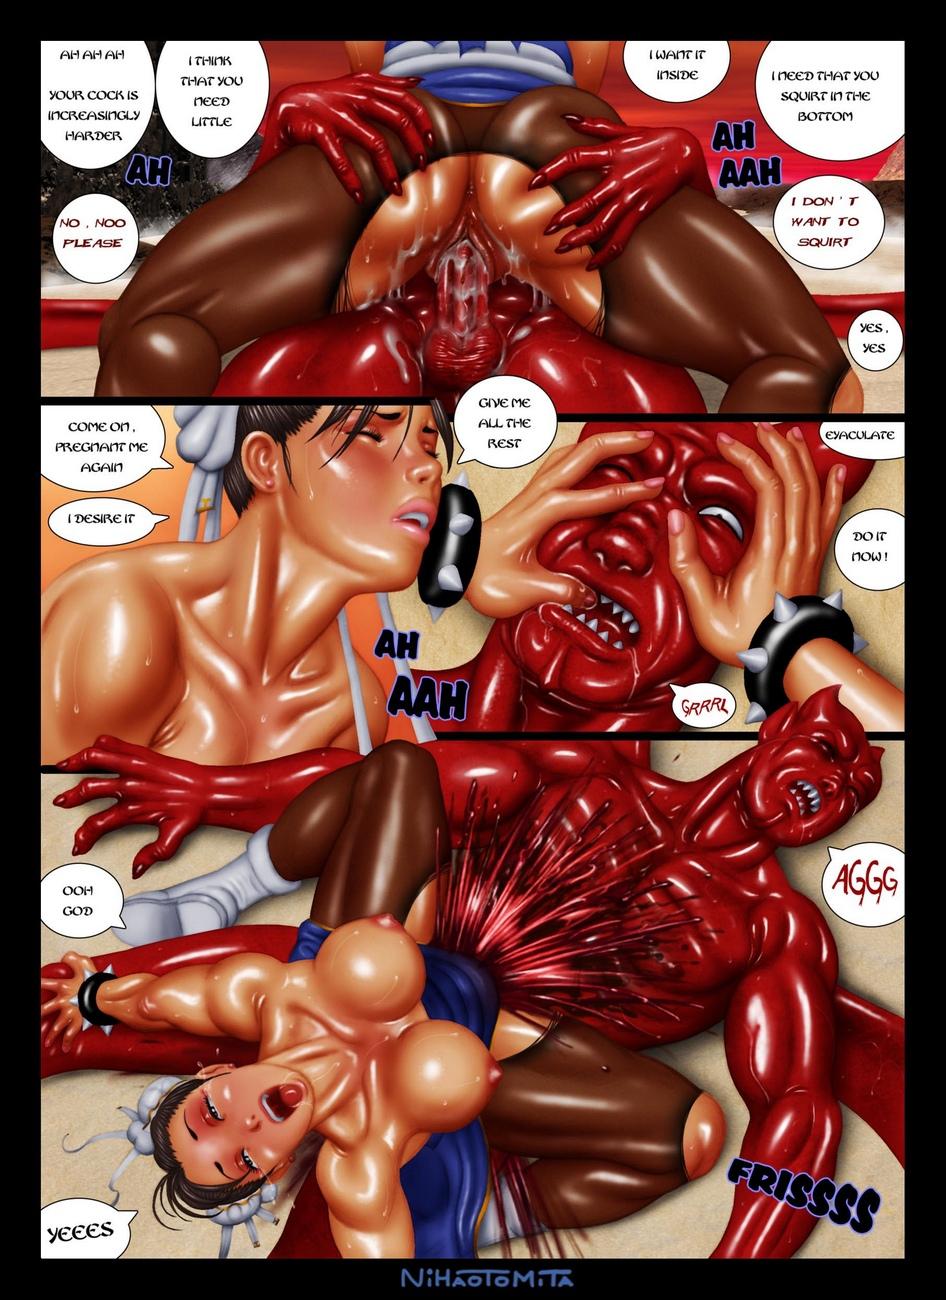 The-5-Tests-Of-Chun-Li 44 free sex comic